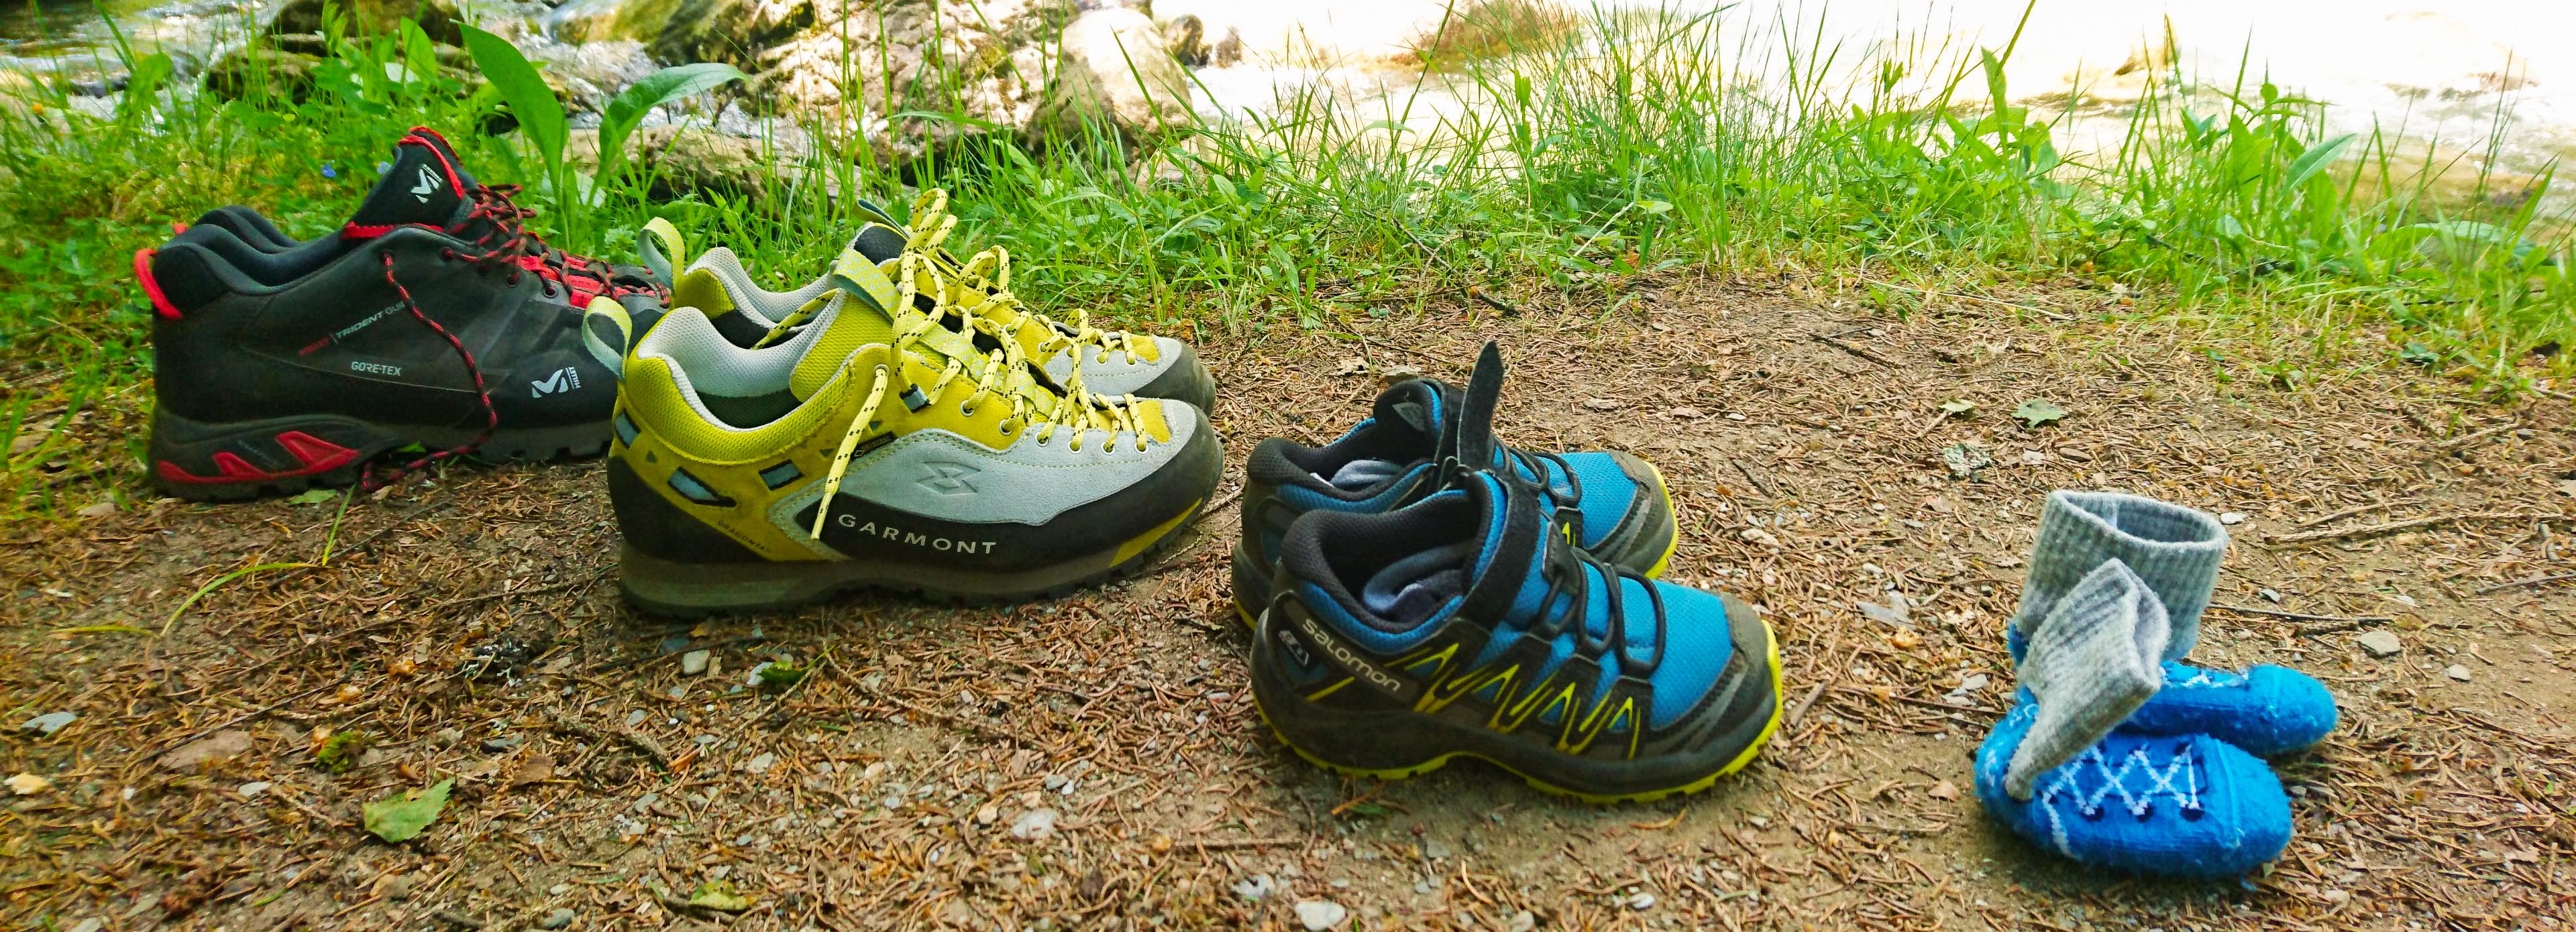 photo de couverture - chaussures de randonnée pour toute la famille